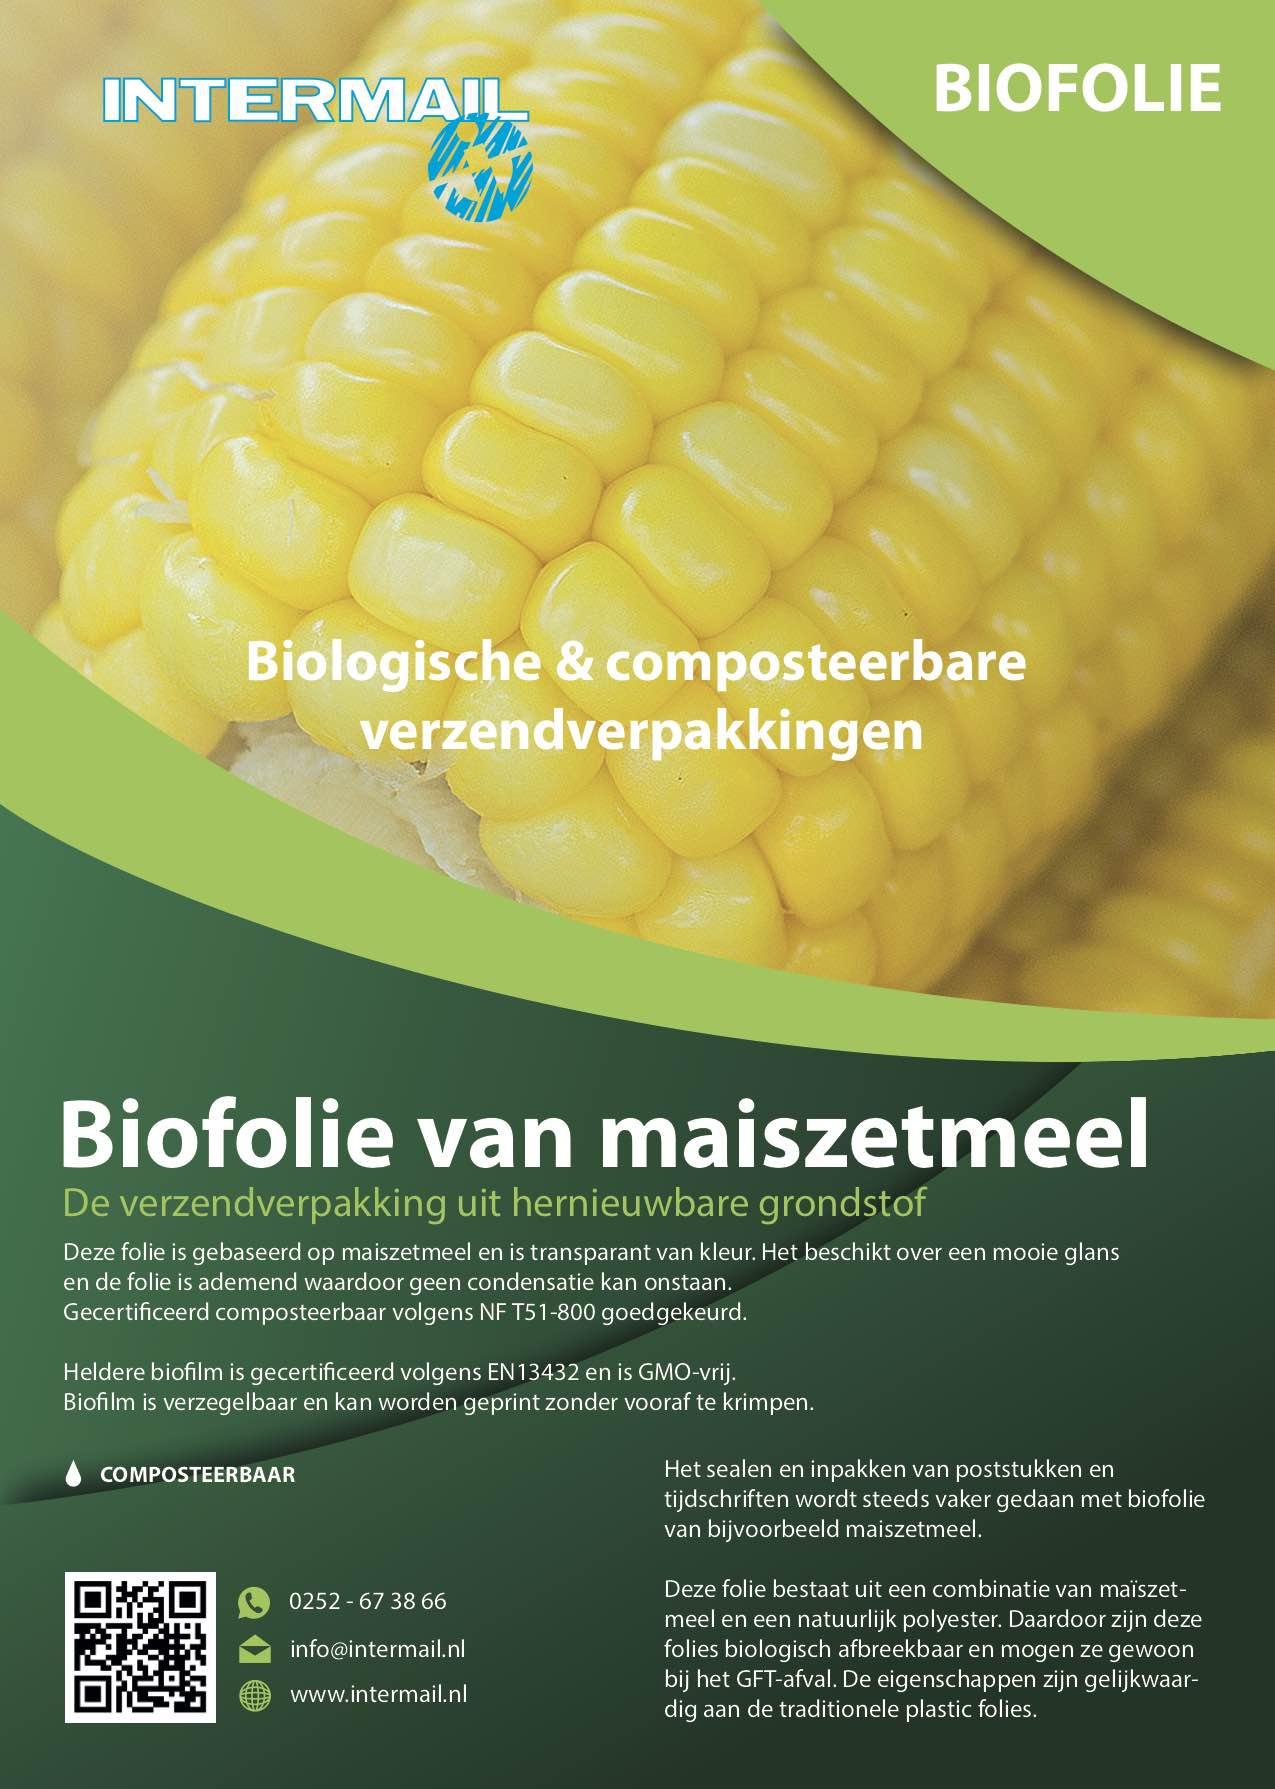 Biofolie van maiszetmeel | Intermail BV